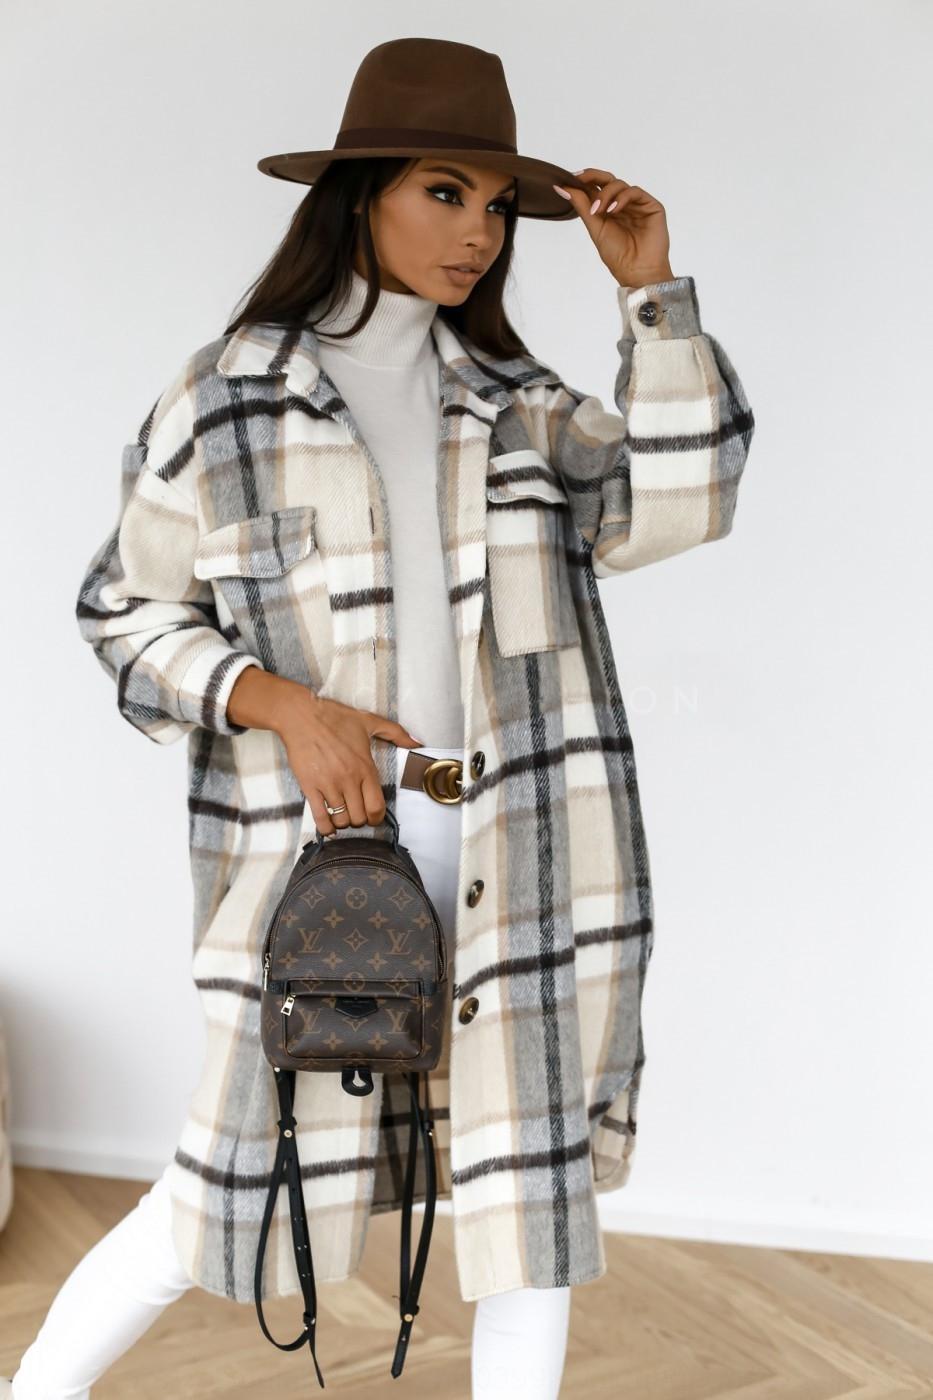 1Bfg quente feminino inverno novo parka womens avestruz casacos mulheres casuais casuais capuz jaquetas quentes parkas grátis casaco de sobretudo